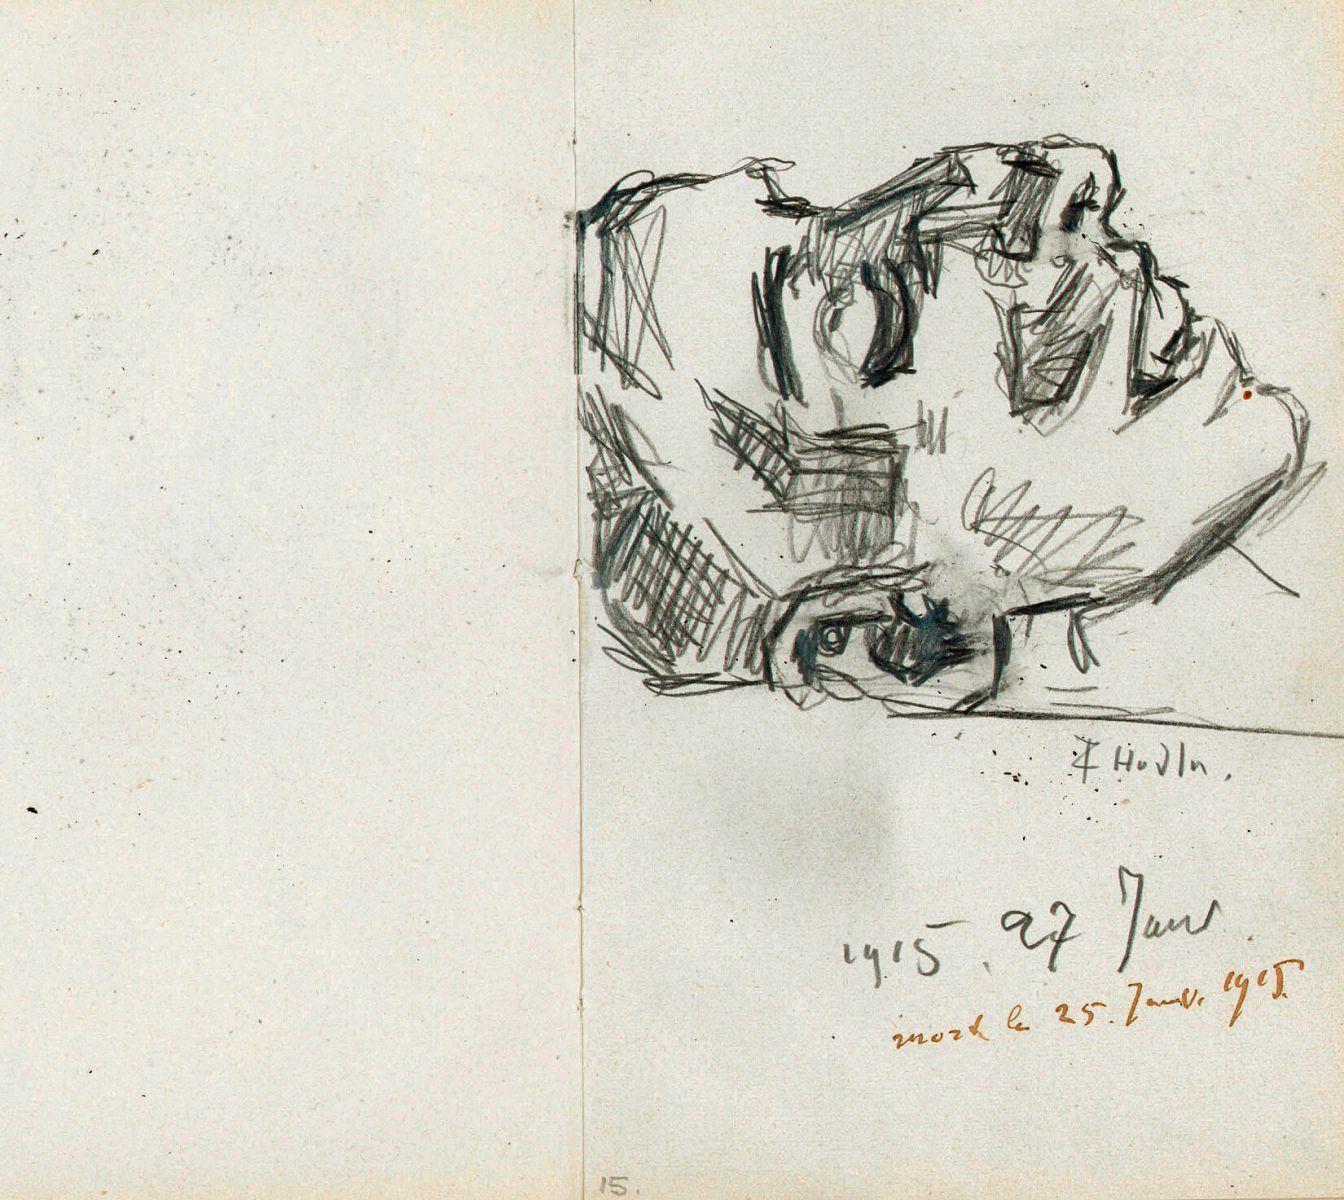 Ferdinand Hodler, Die tote Valentine Godé-Darel | Valentine Godé-Darel morta, 26 gennaio 1915, Disegno, Matita su carta, Carnet inv. 1958-176/214.10, Cabinet d'arts graphiques du Musée d'art et d'histoire, Genève